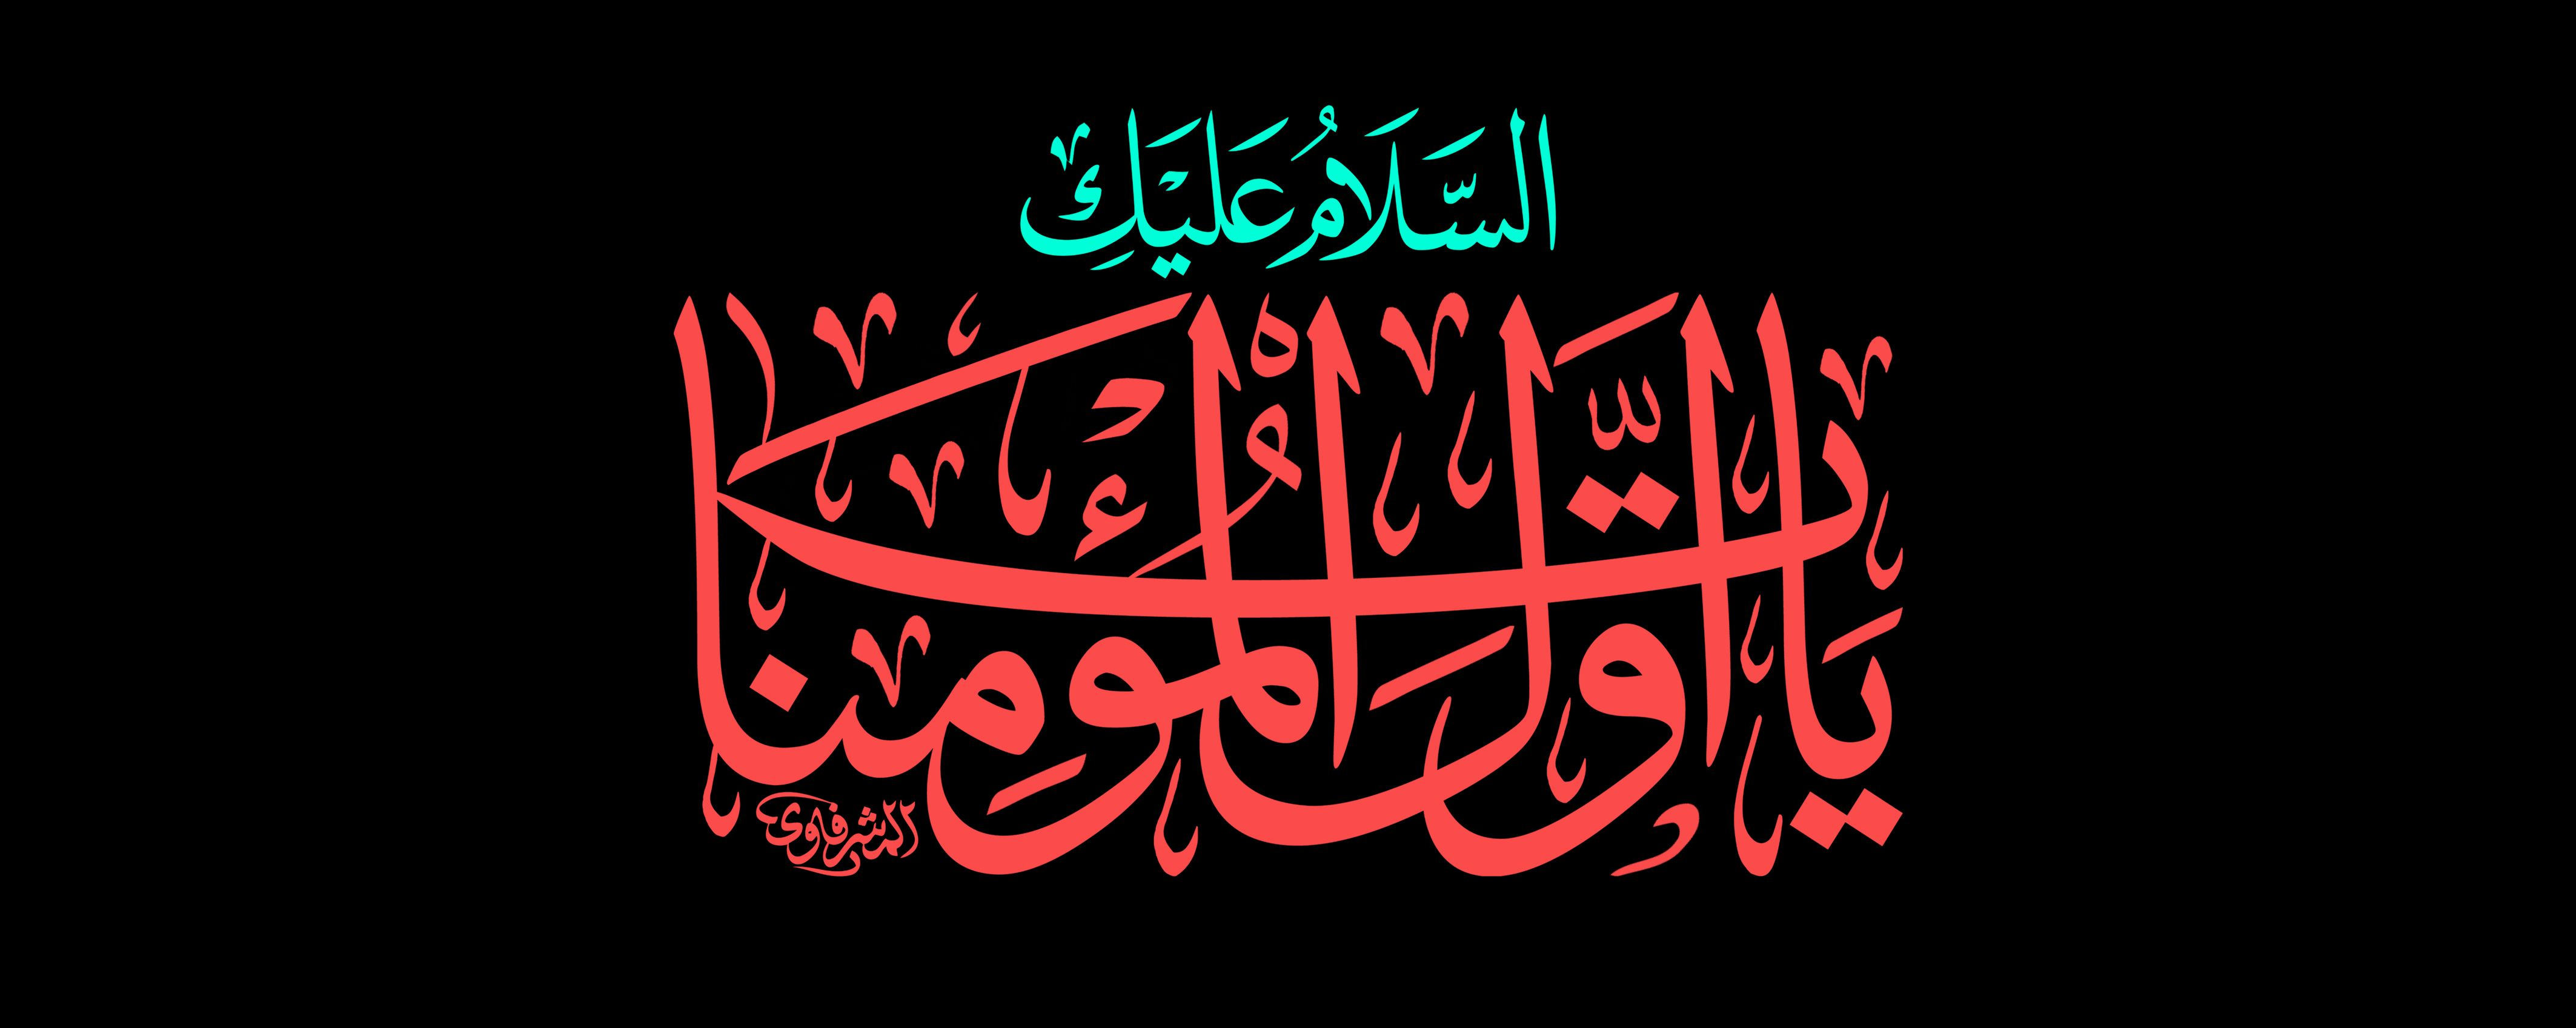 السلام عليك يا أول المؤمنات Islamic Art Calligraphy Neon Signs Islamic Art